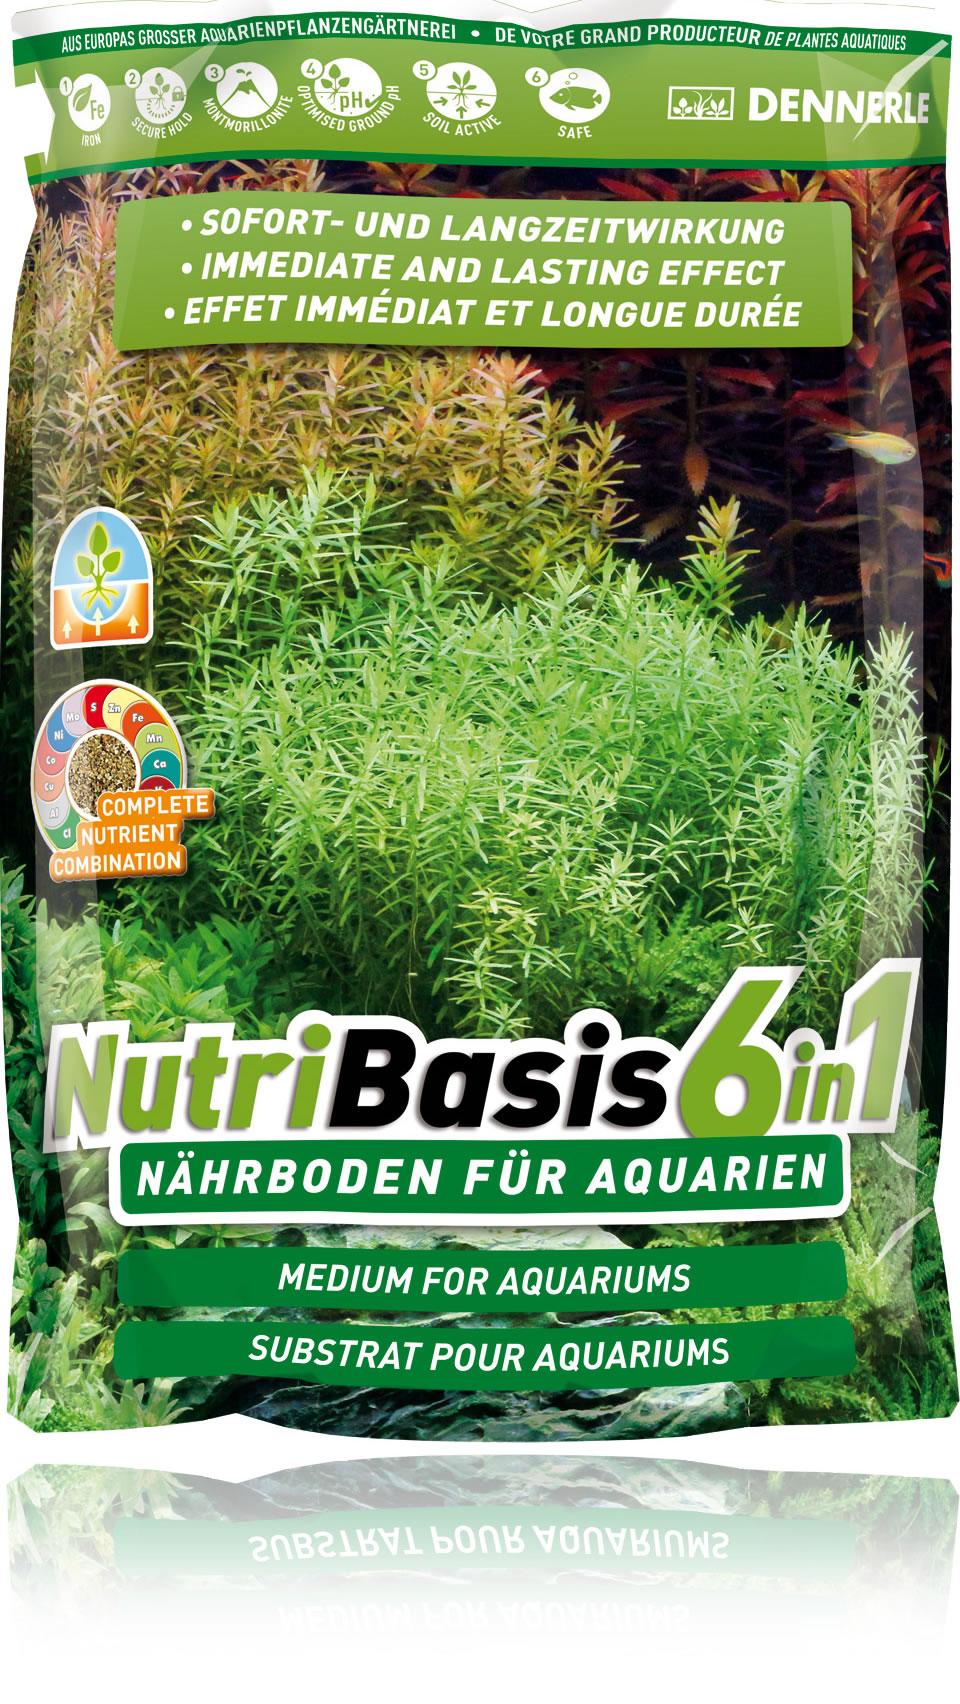 Dennerle NutriBasis 6in1